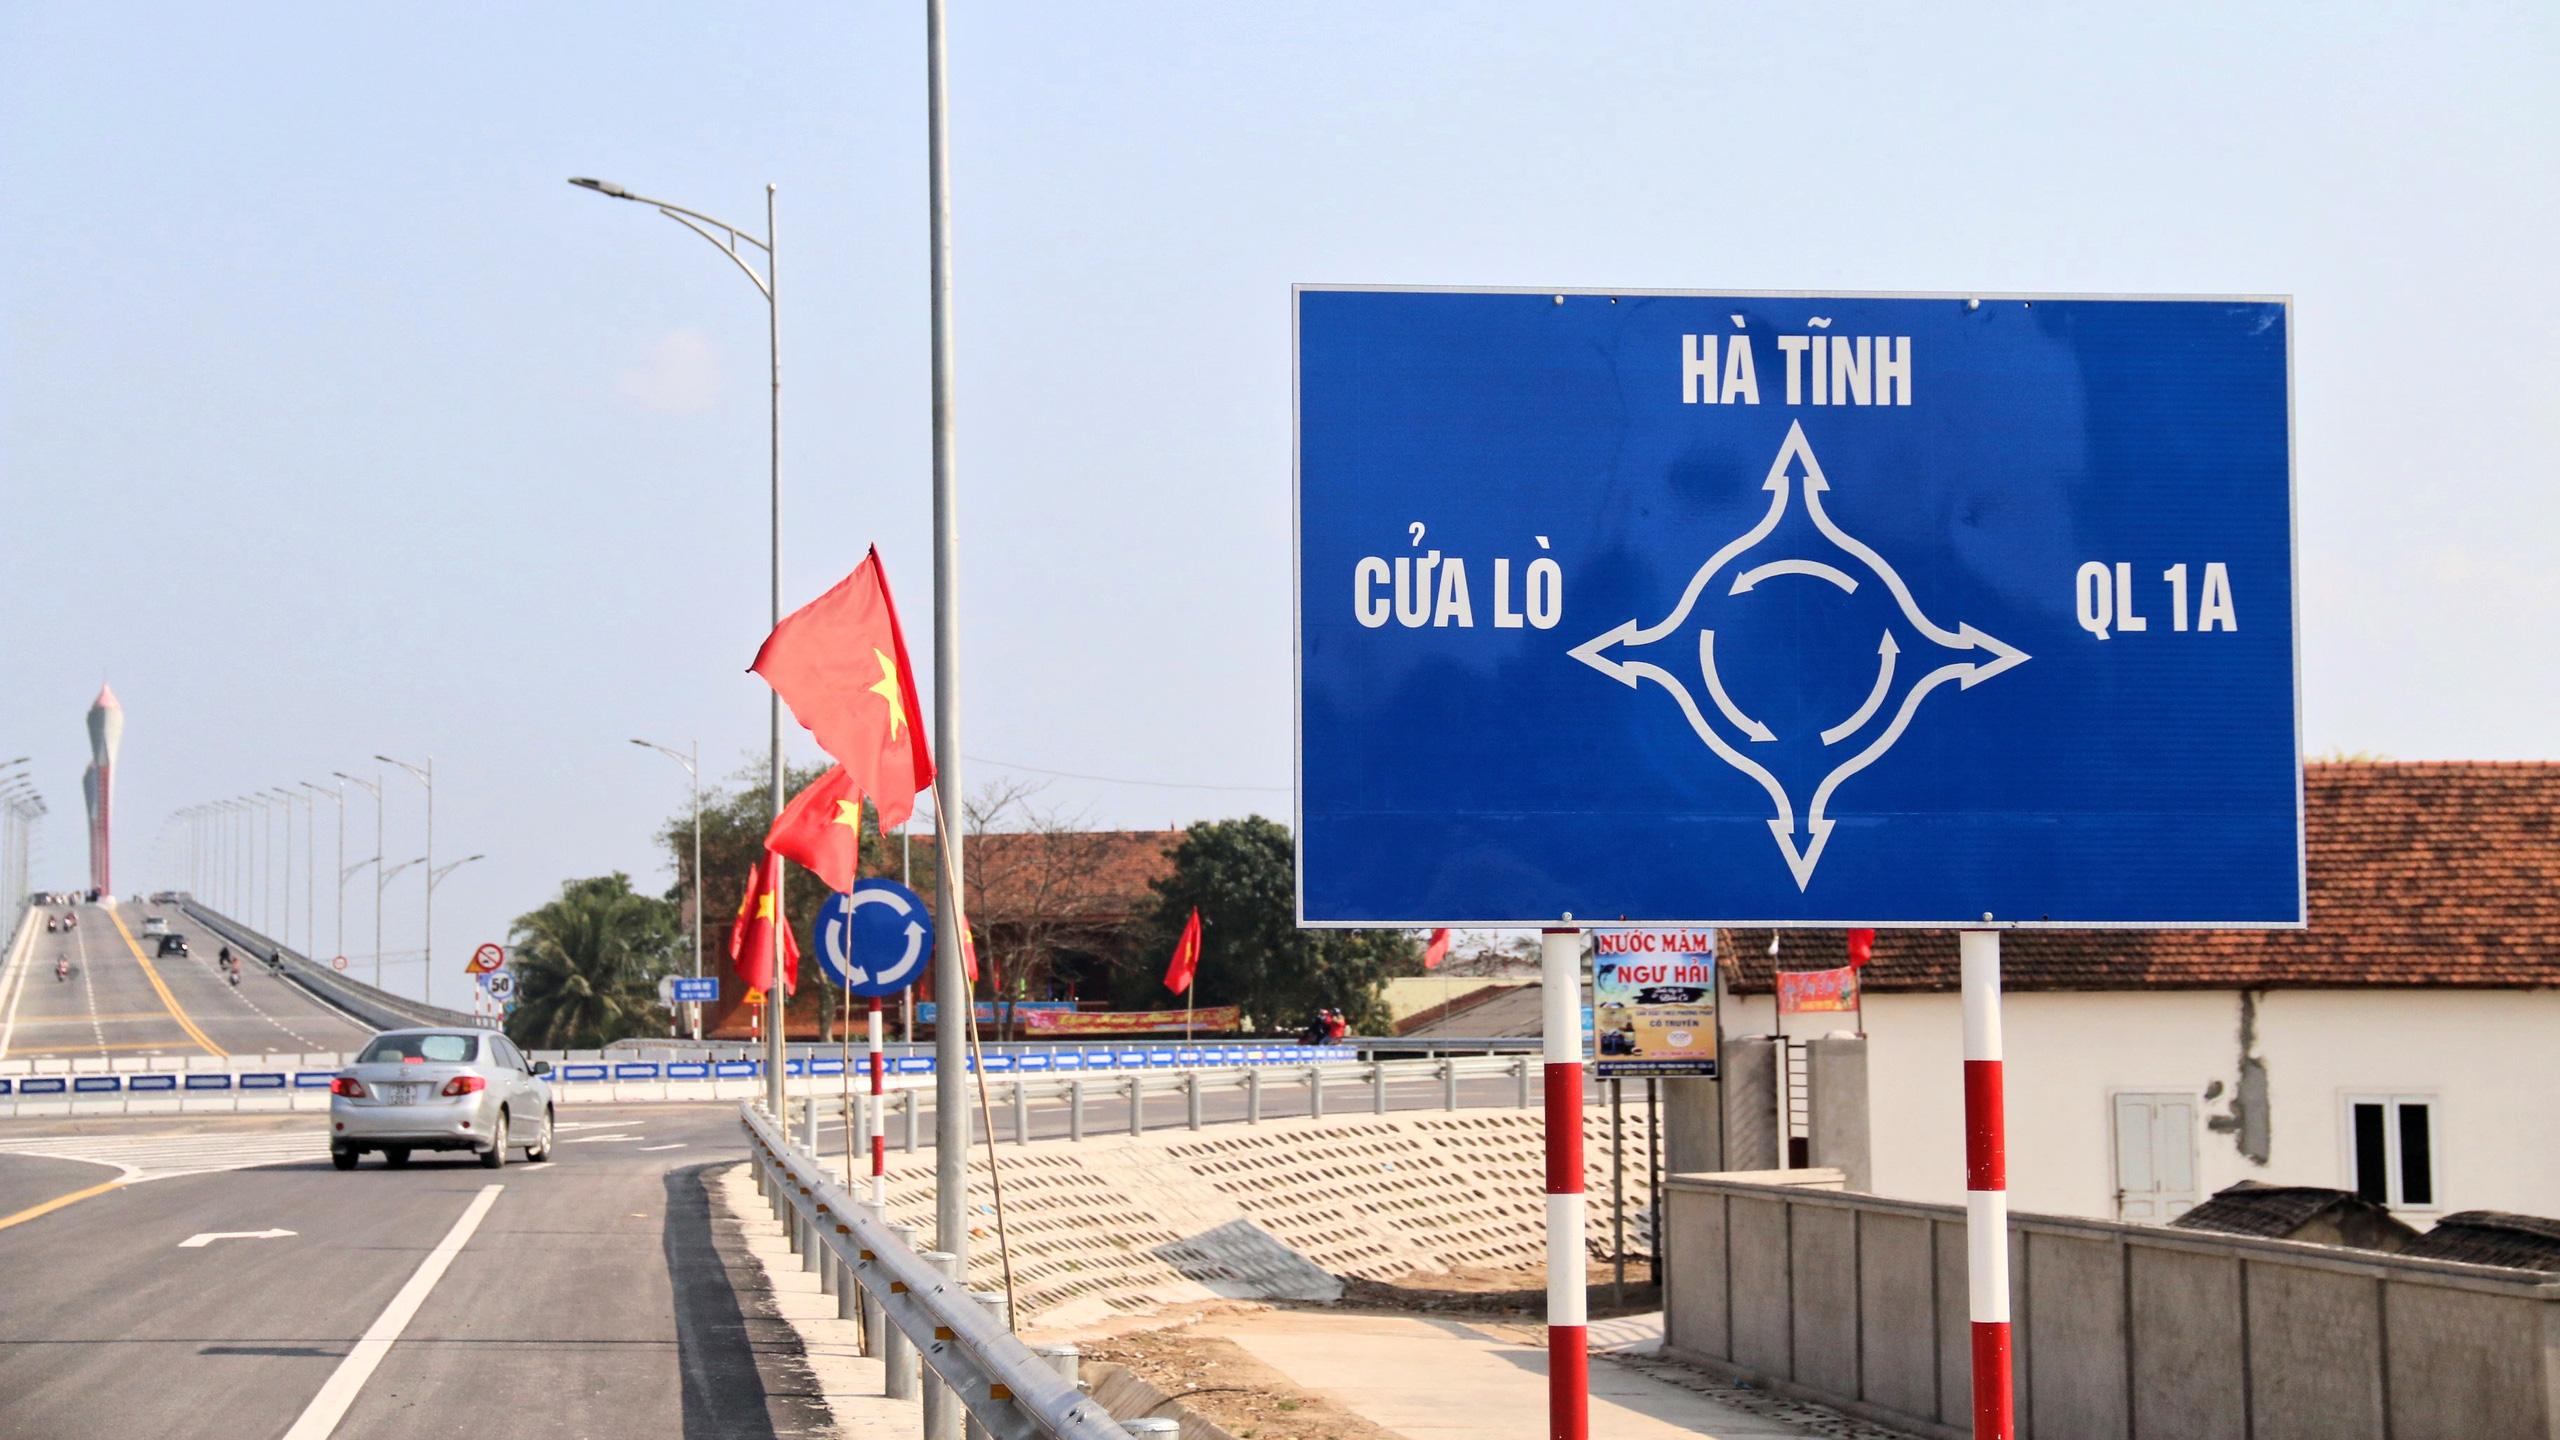 Người dân Nghệ An, Hà Tĩnh du xuân trên cầu gần nghìn tỷ vừa thông xe - Ảnh 1.